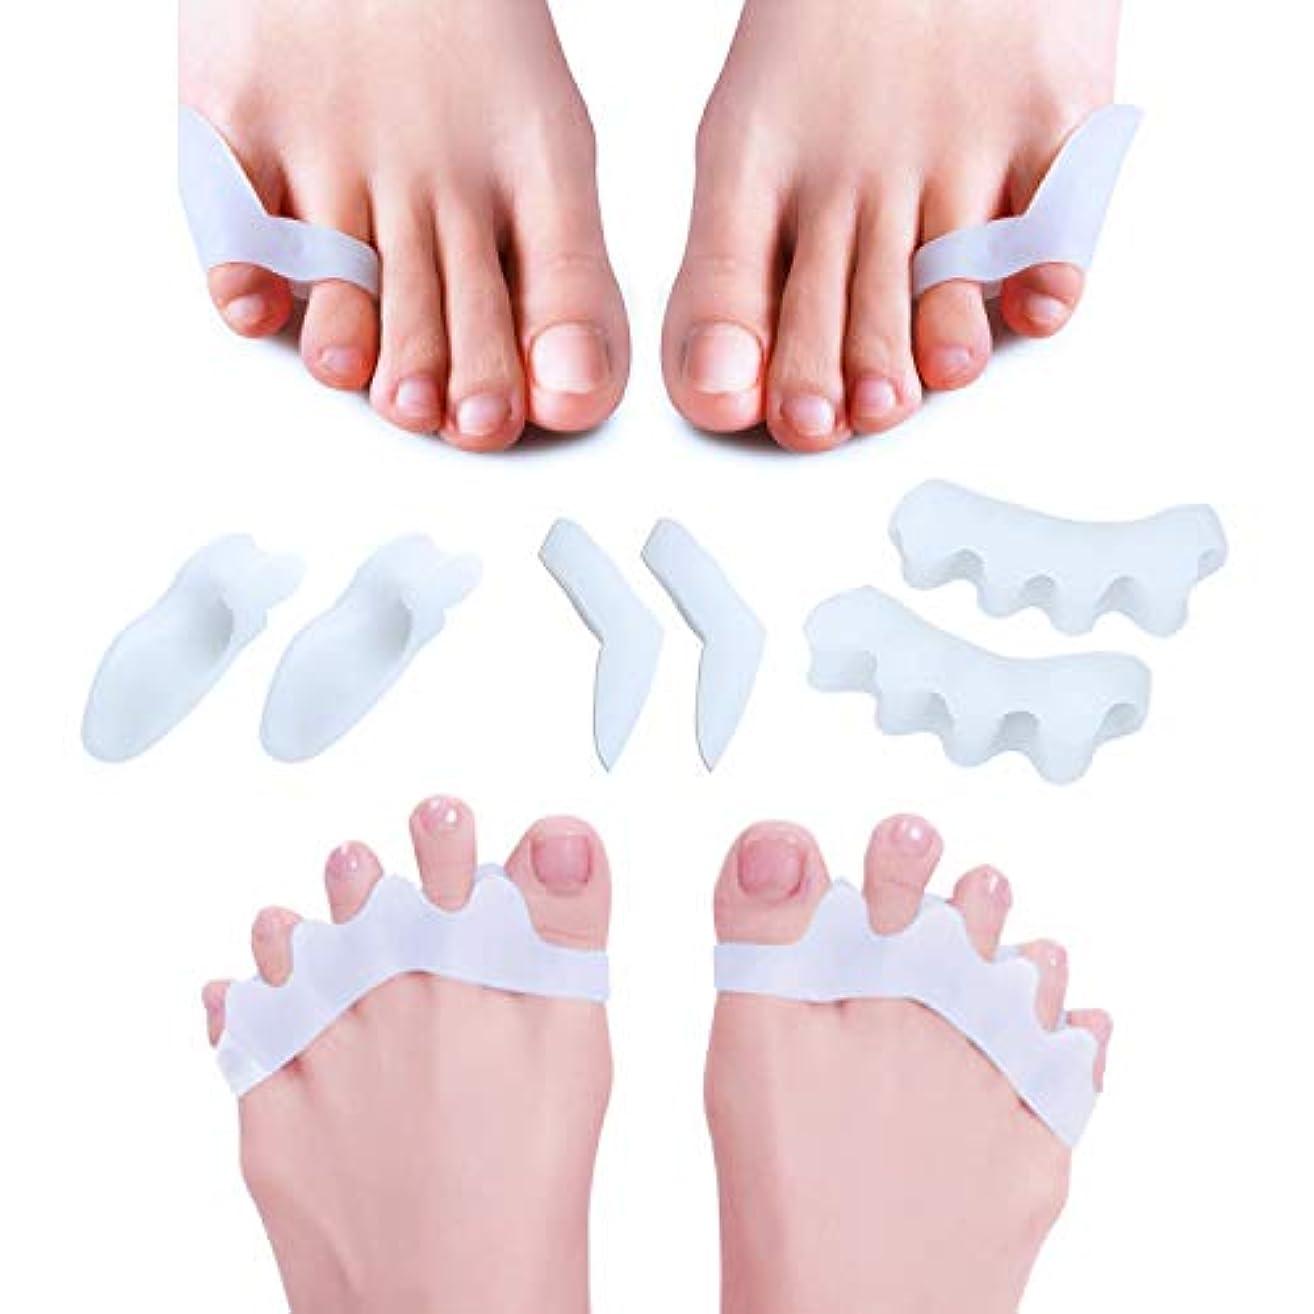 ナラーバー自分のためにいらいらさせる足指サポーター 改良版 Topbasic 足指を広げる シリコン素材 靴ズレ防止 6個3ペアセット 男女兼用 収納ケース付き